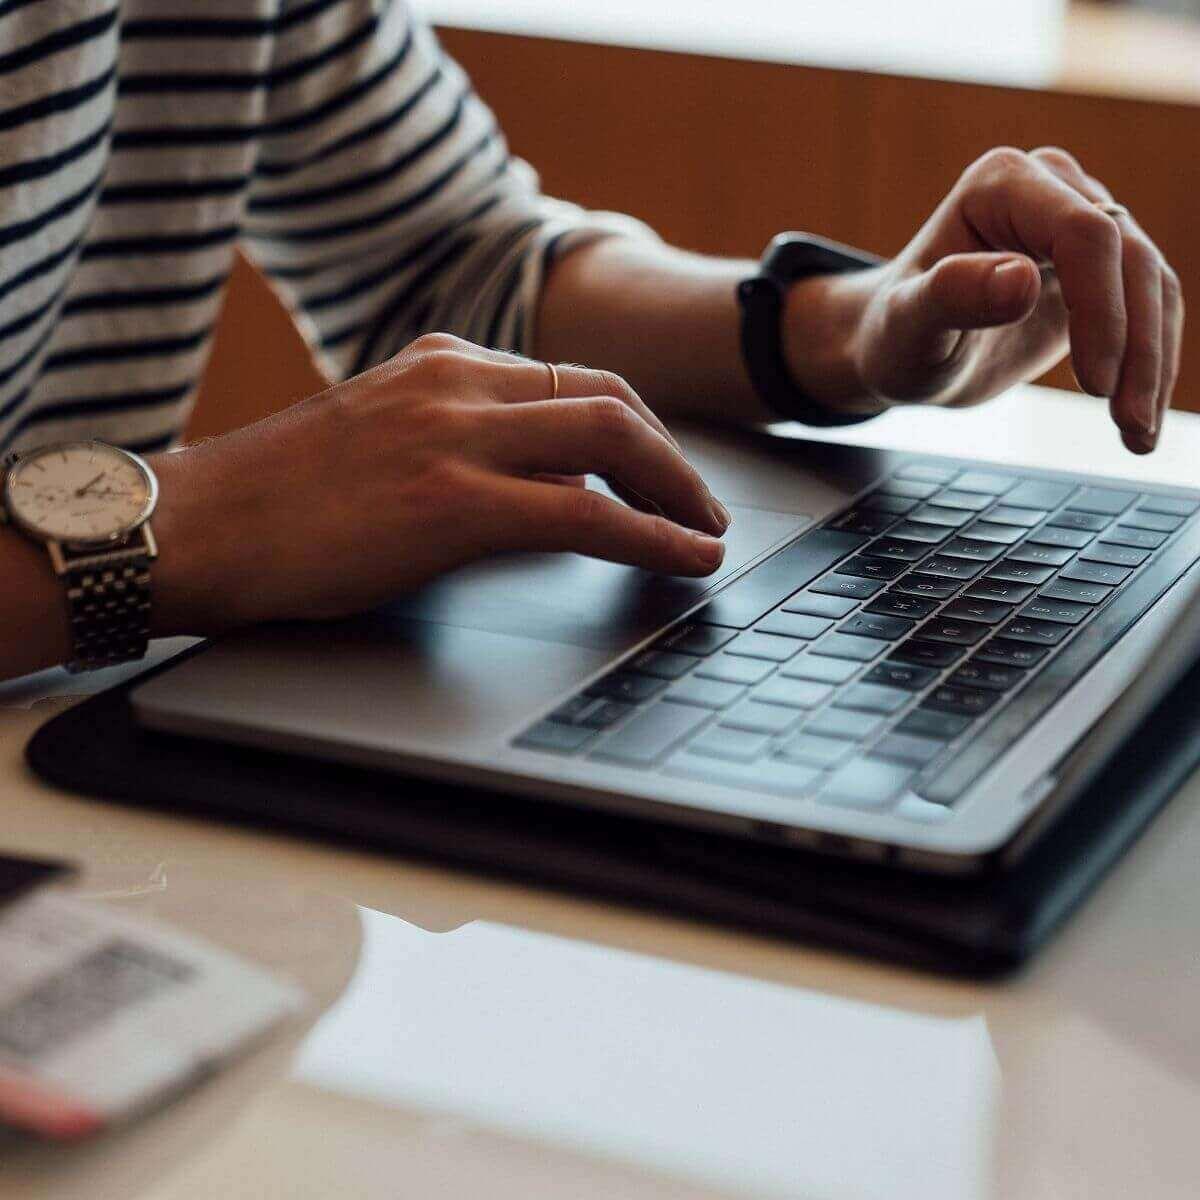 Cách tắt laptop đúng cách bằng bàn phím